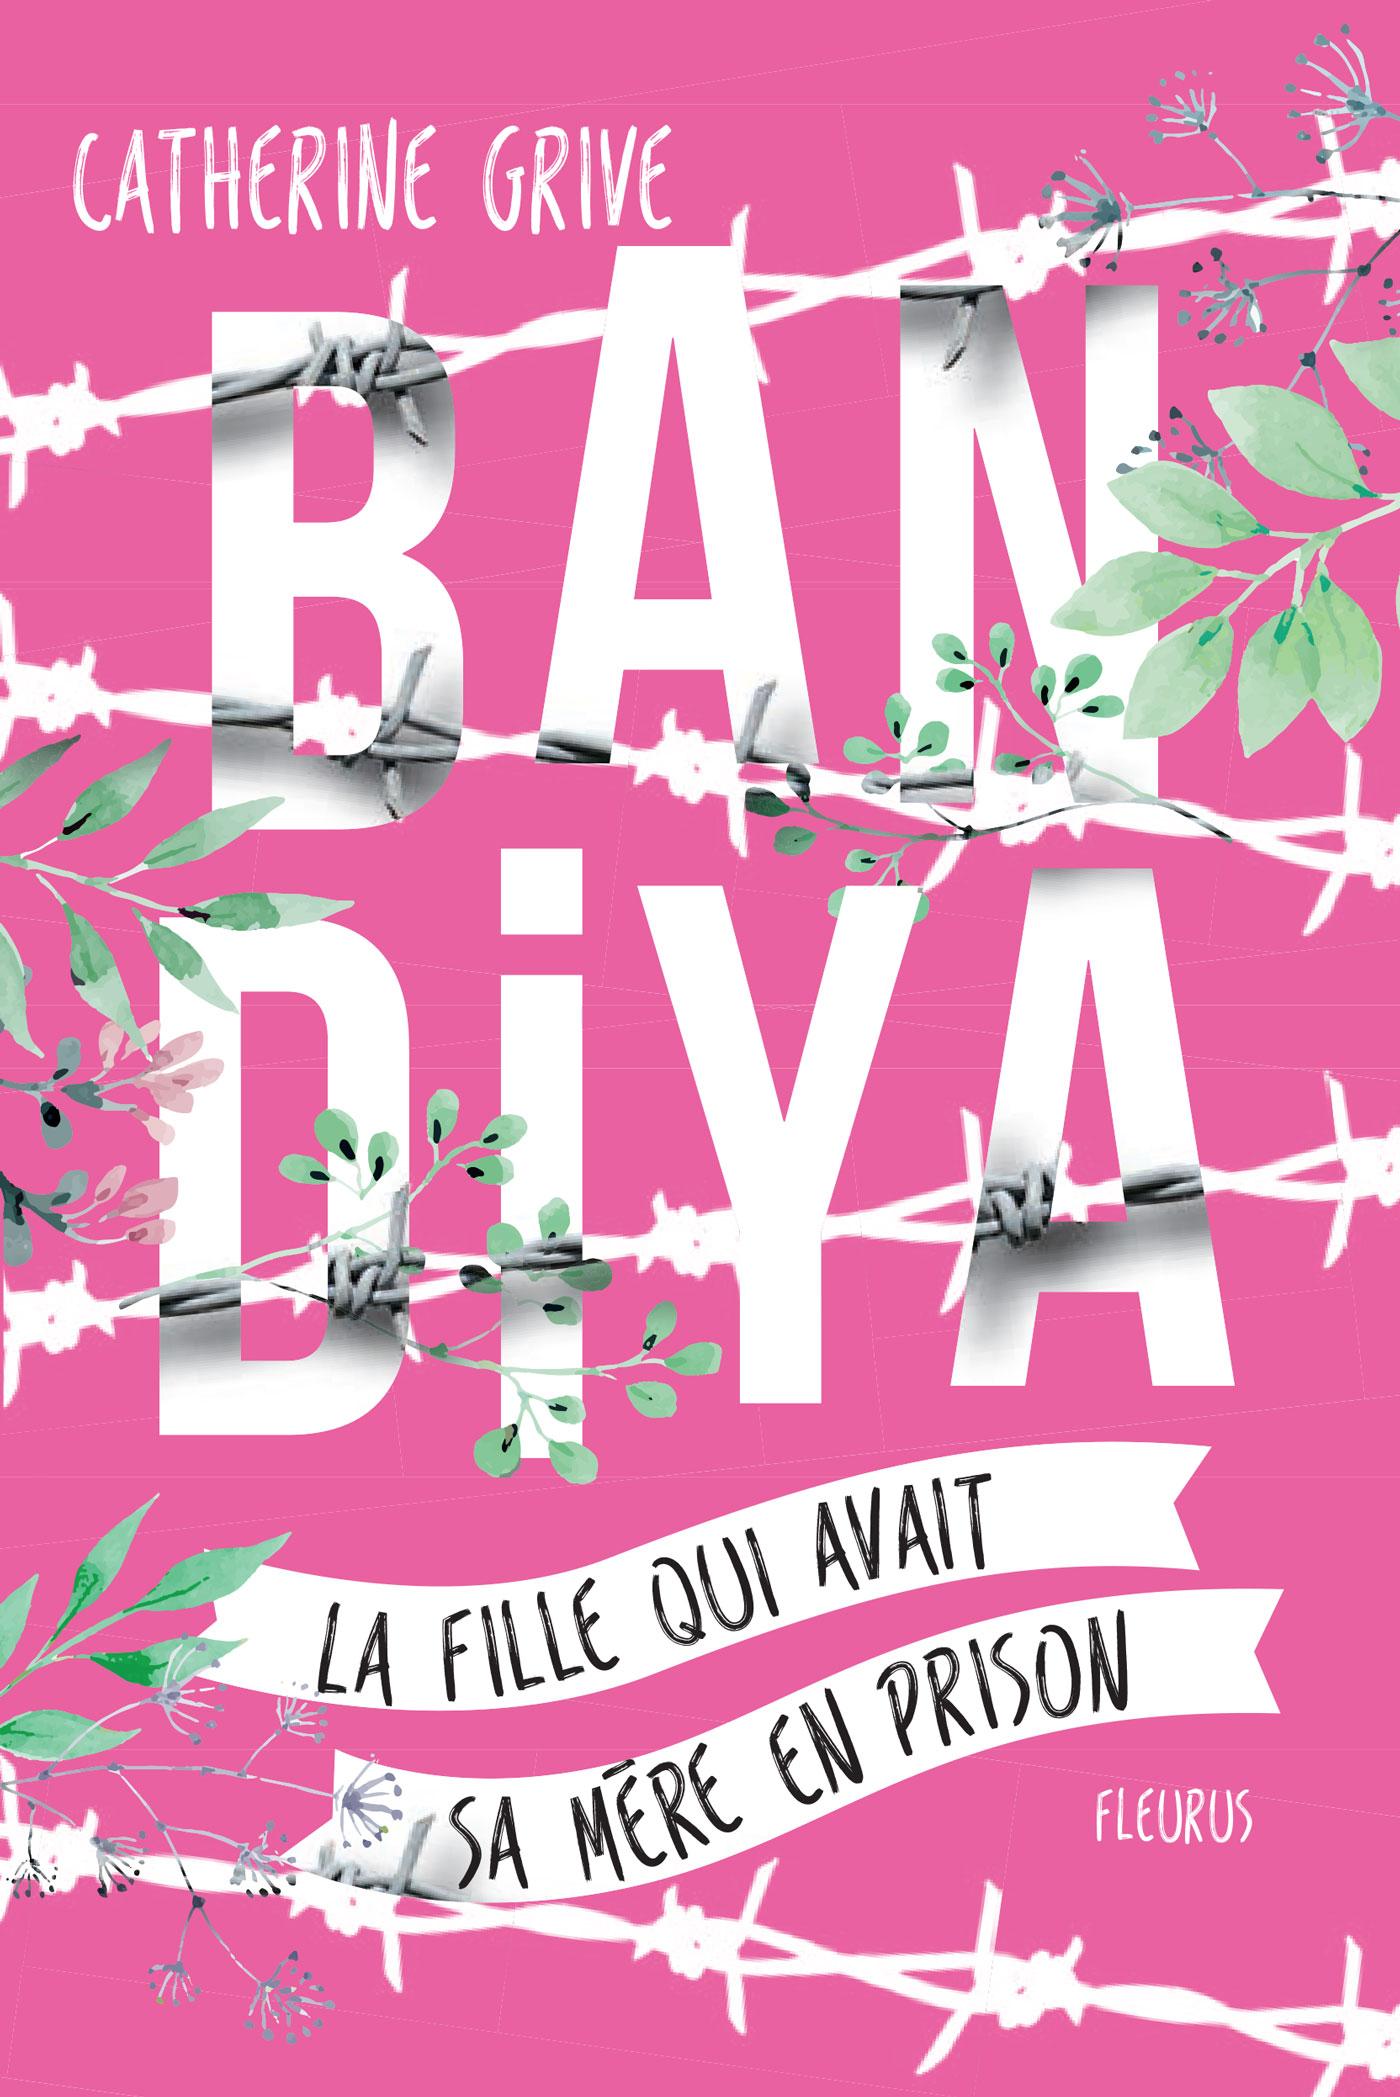 Bandiya, la fille qui avait sa mère en prison